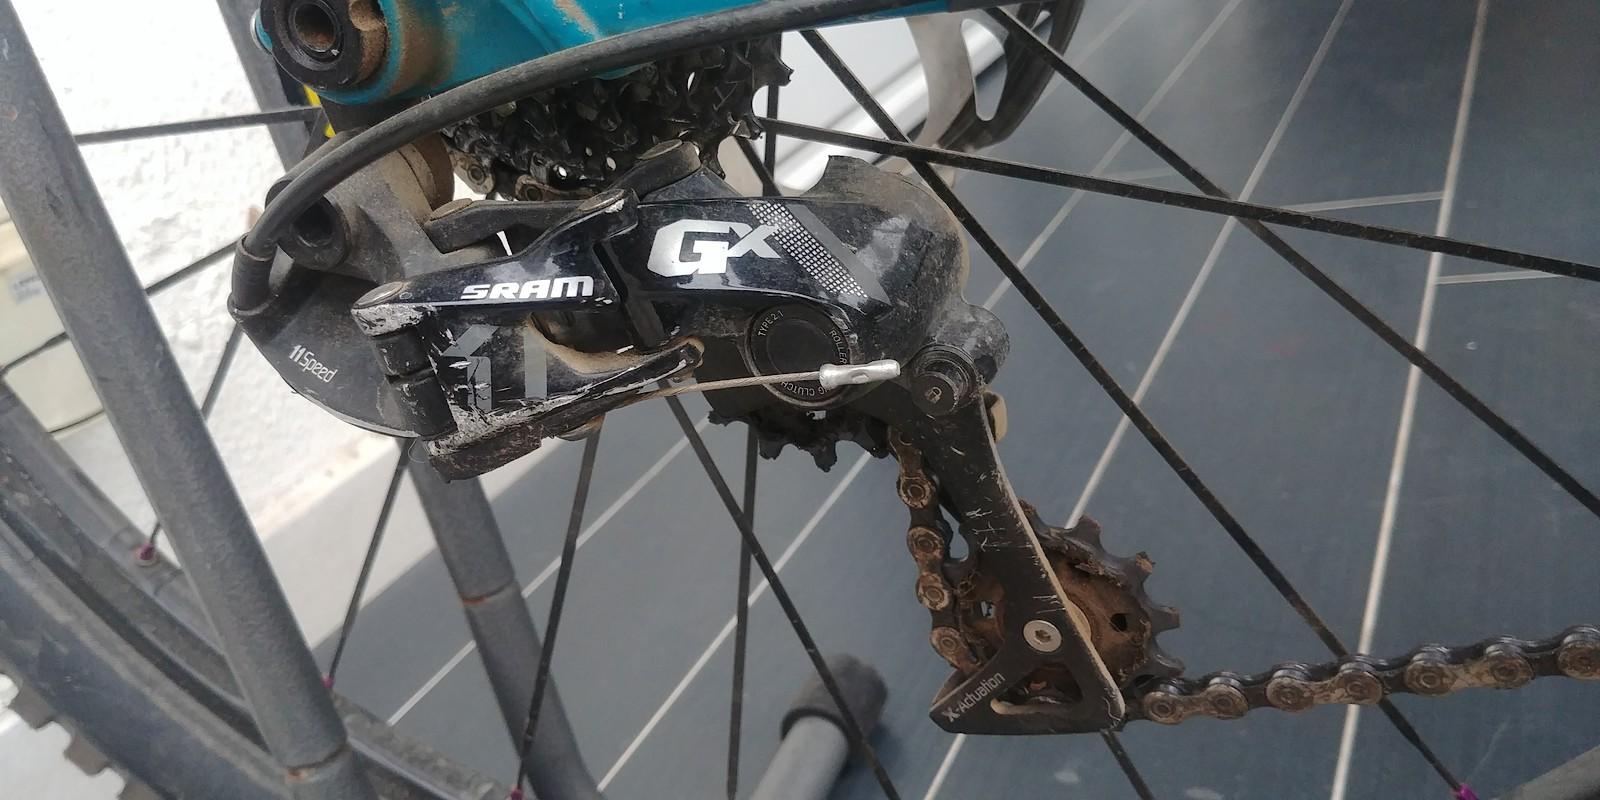 c51980b61e4 MERIDA ONE-Eighty 26 inch freeride bike - Okamine_tomoya's Bike ...